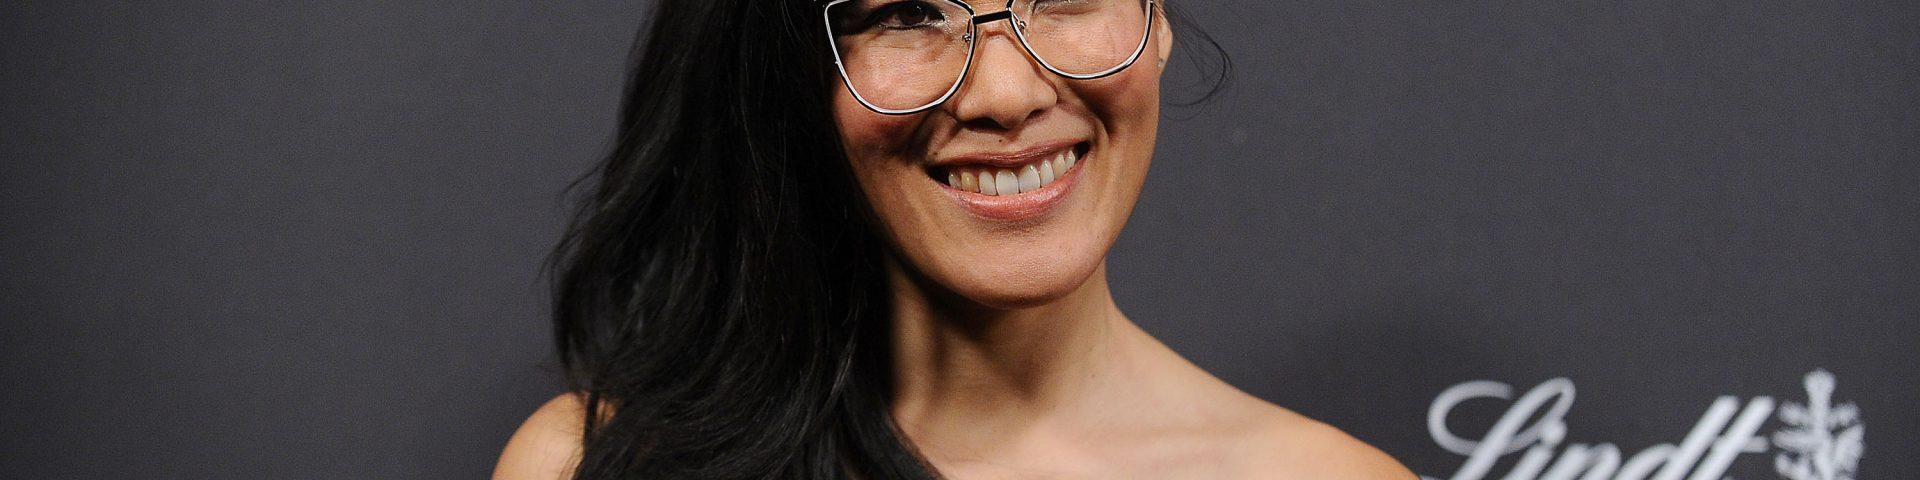 2 Ali Wong 1920x480